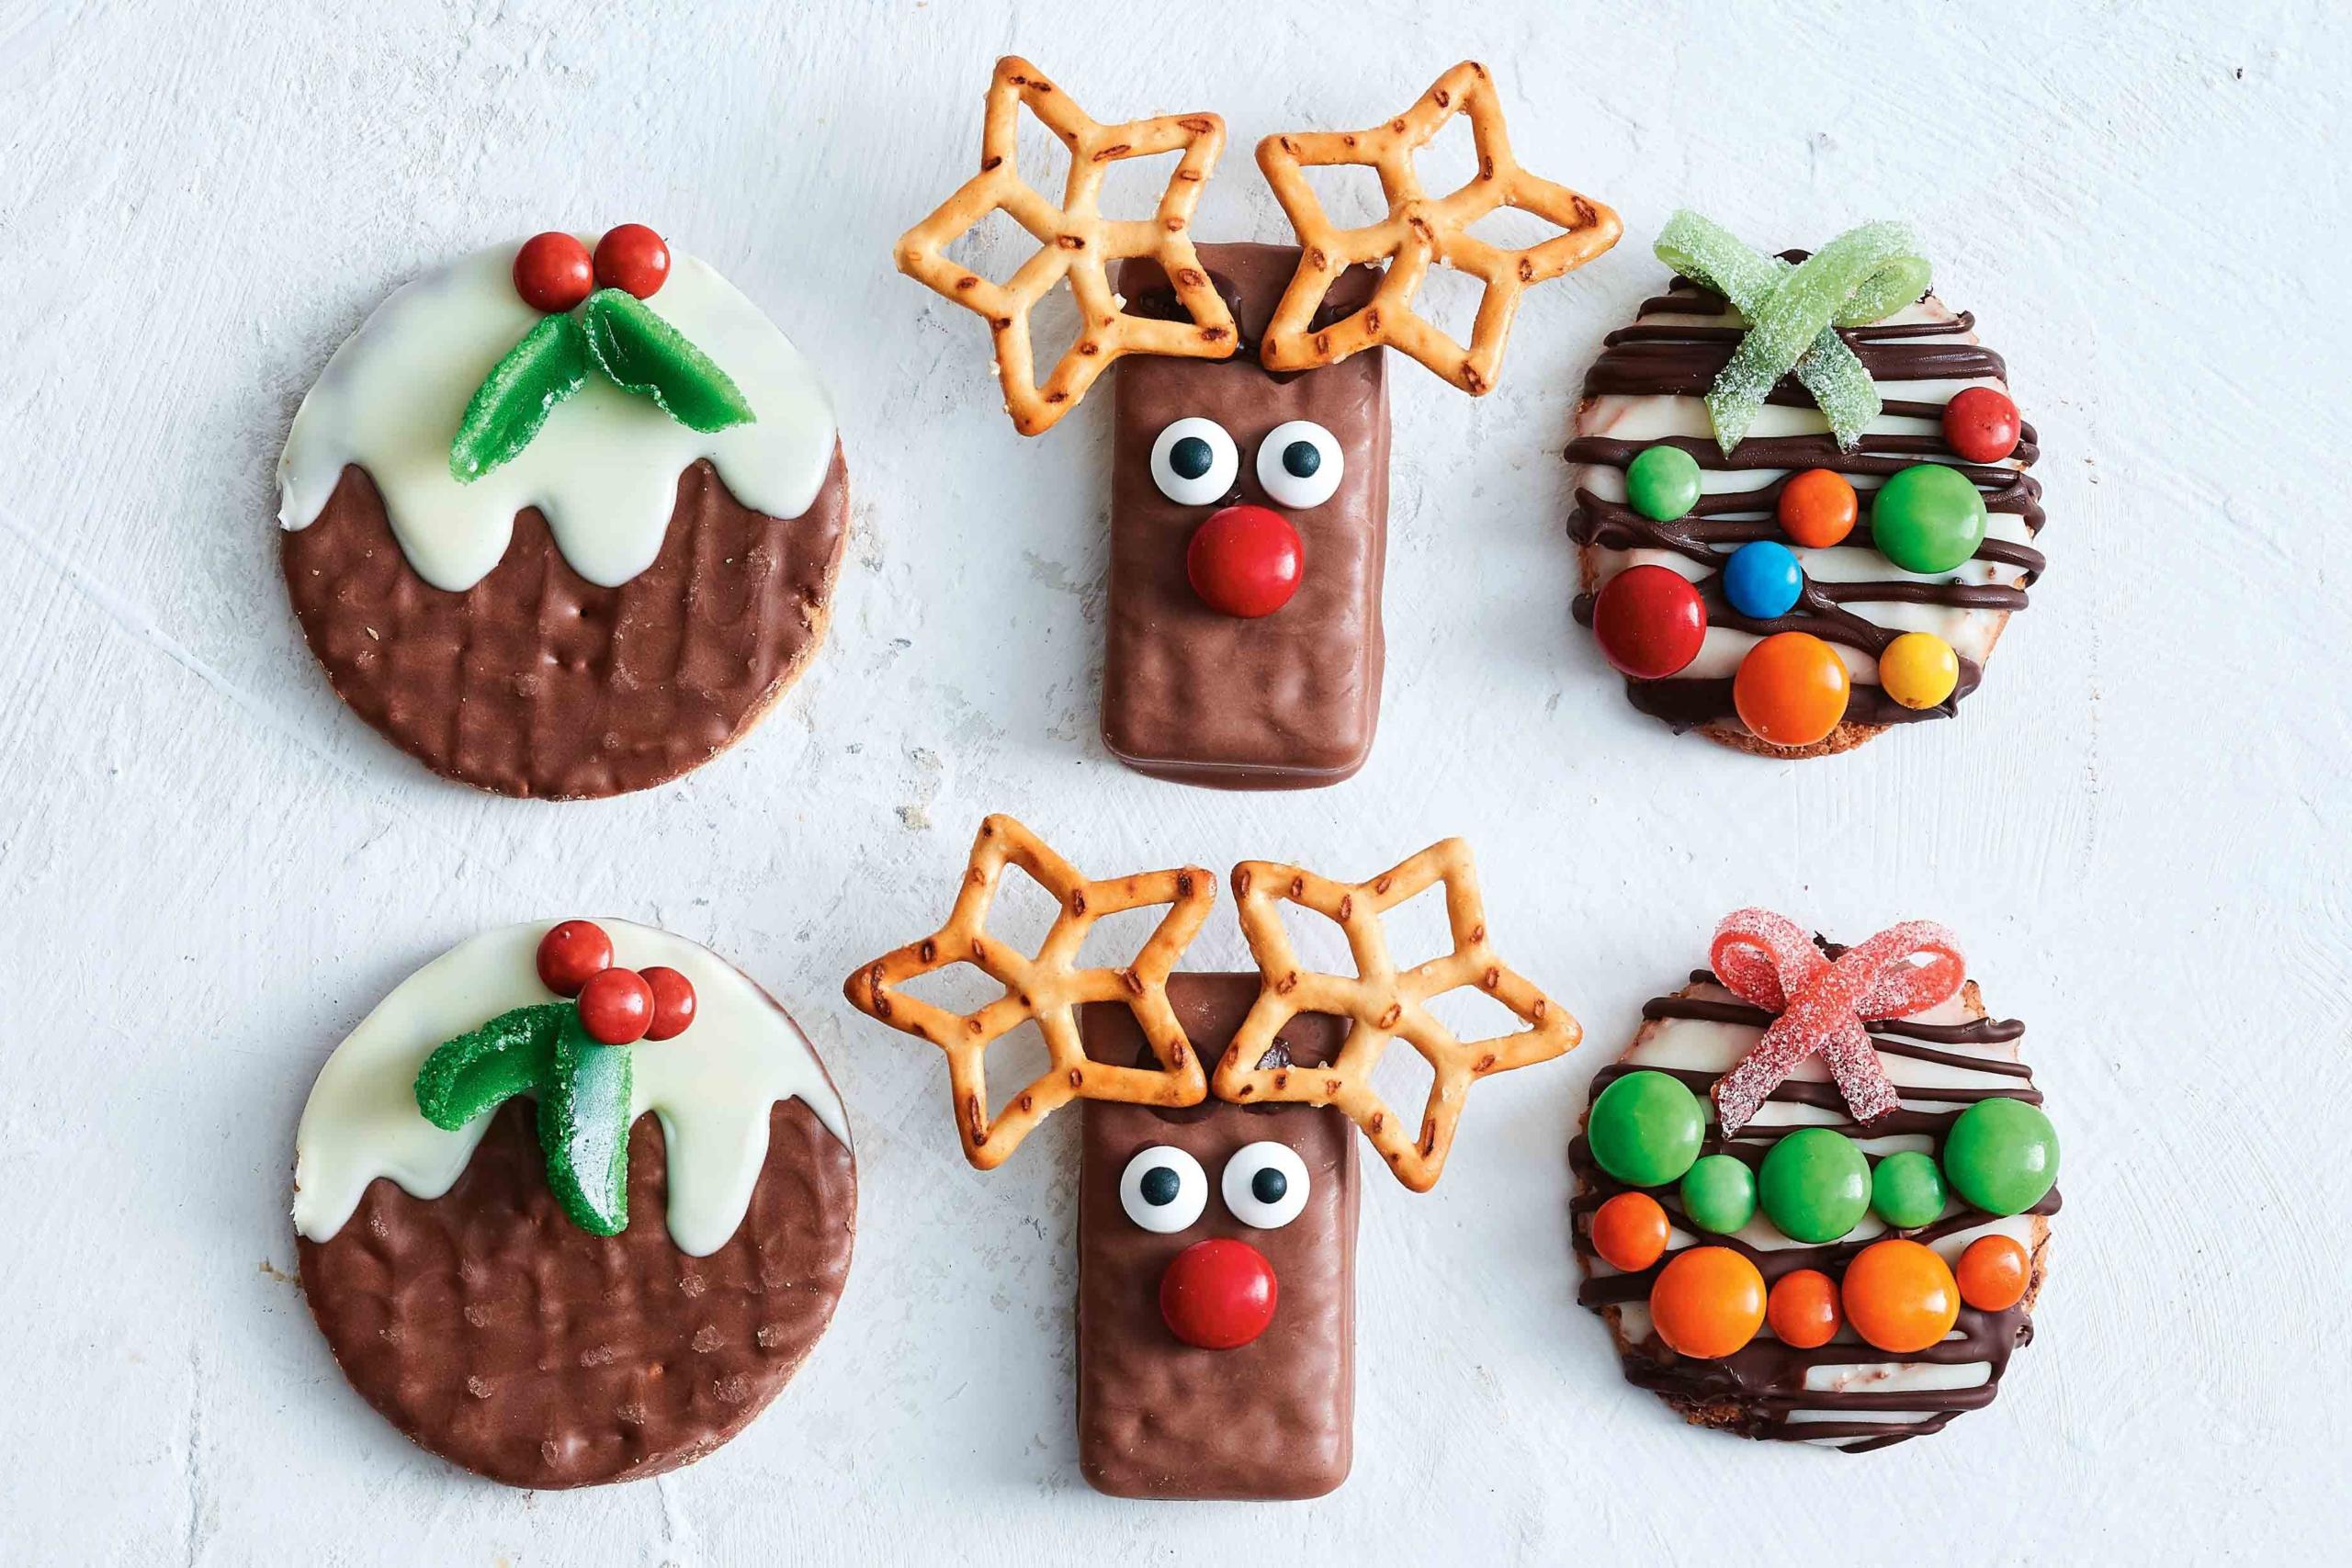 Muffins Rudolf - une recette originelle à essayer pour Noël